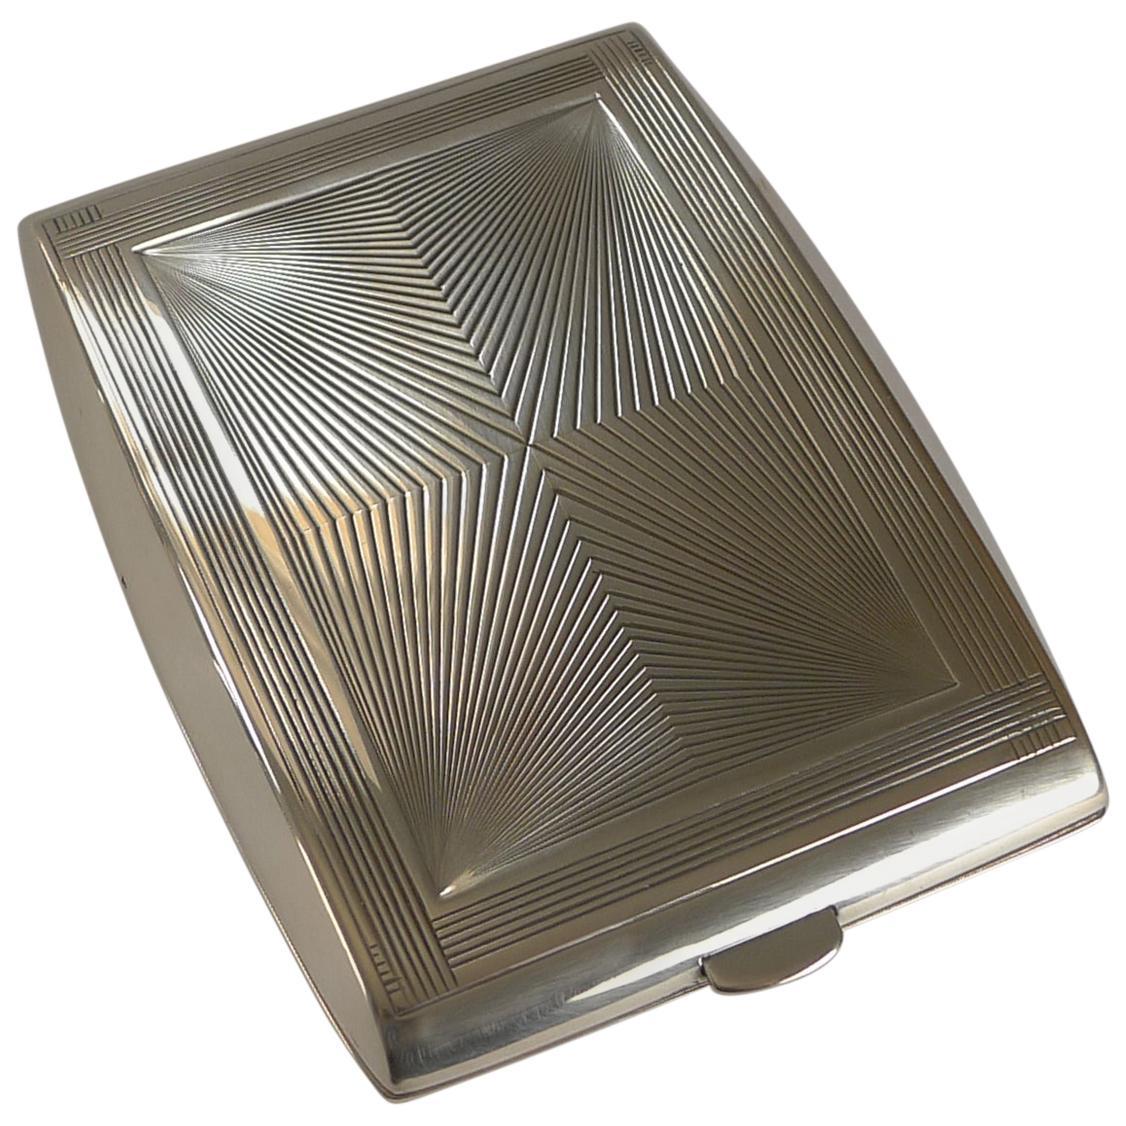 Puiforcat Sterling Silver Cigarette Case, Perfect Business Card Case, c.1930